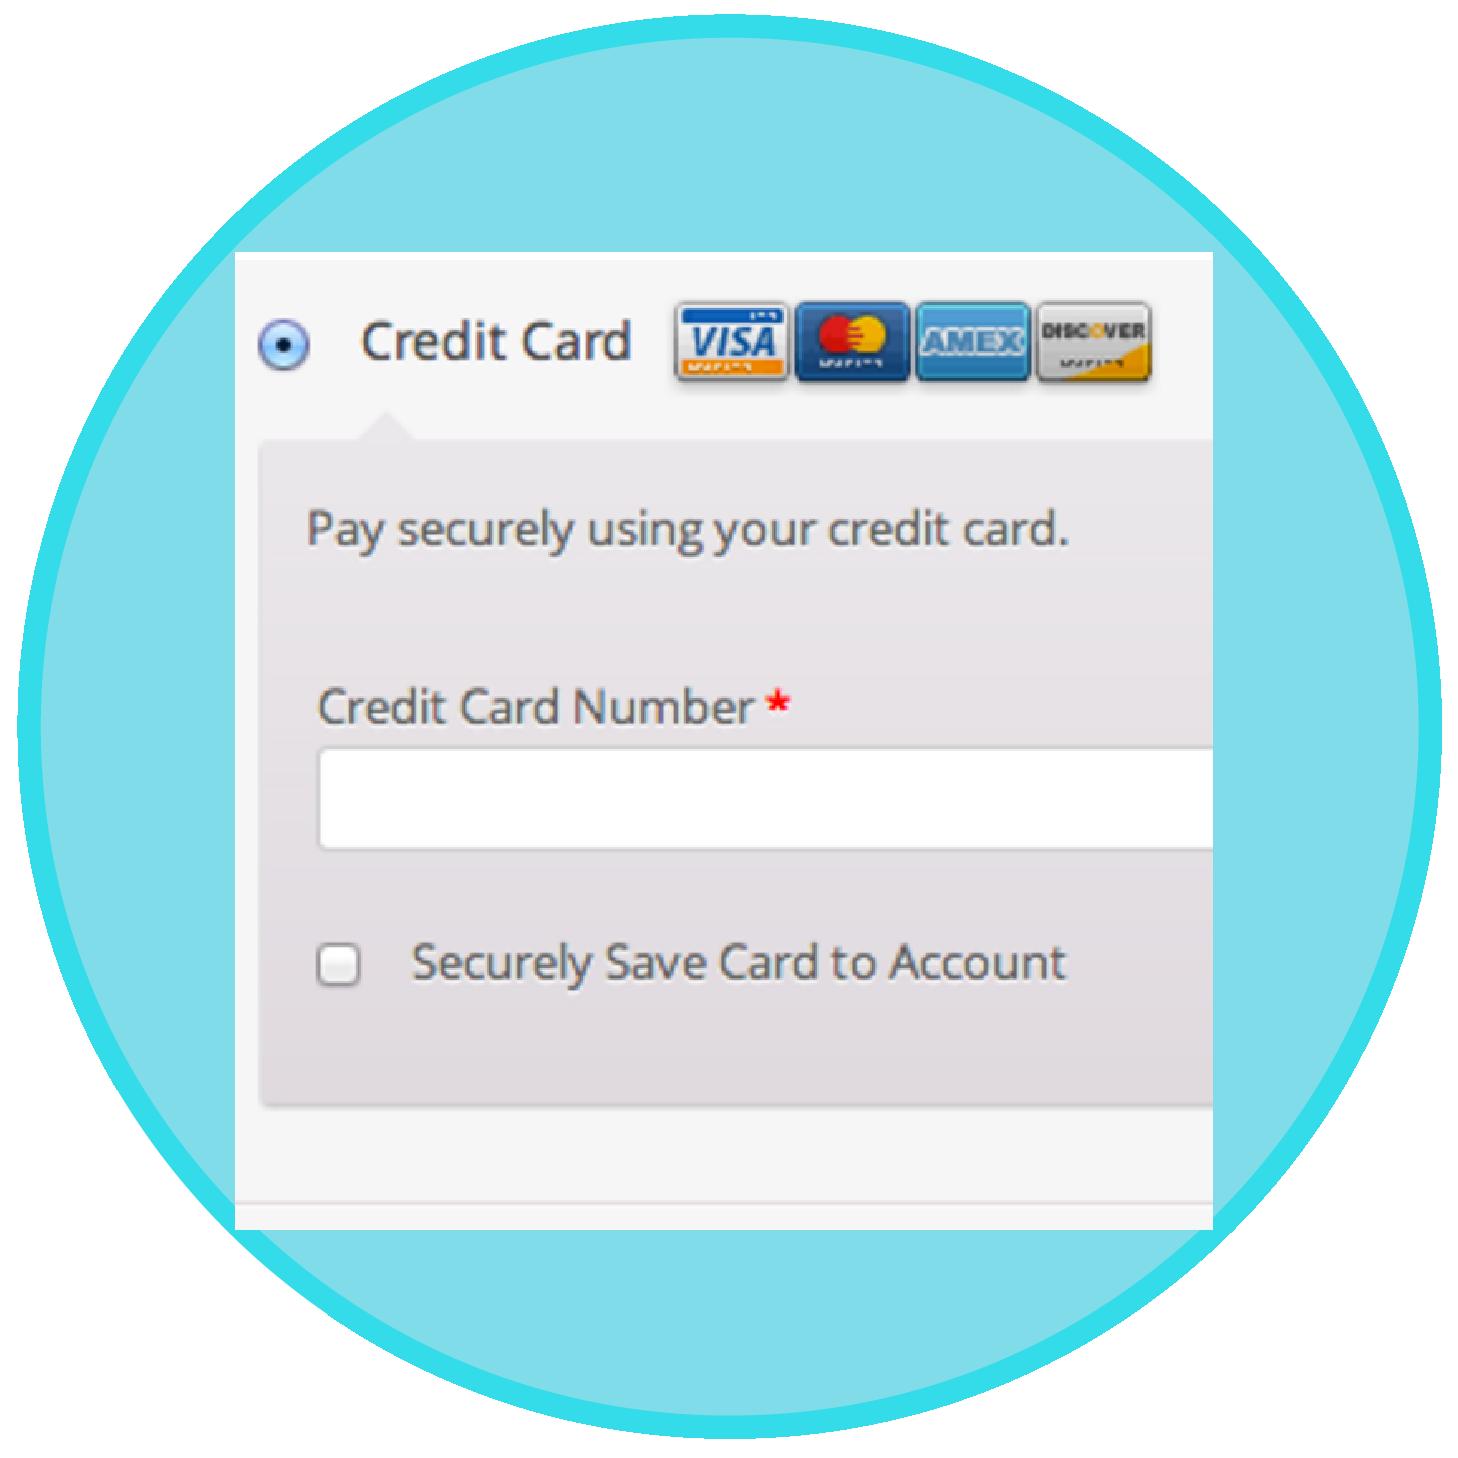 intuit voucher code printable 2017